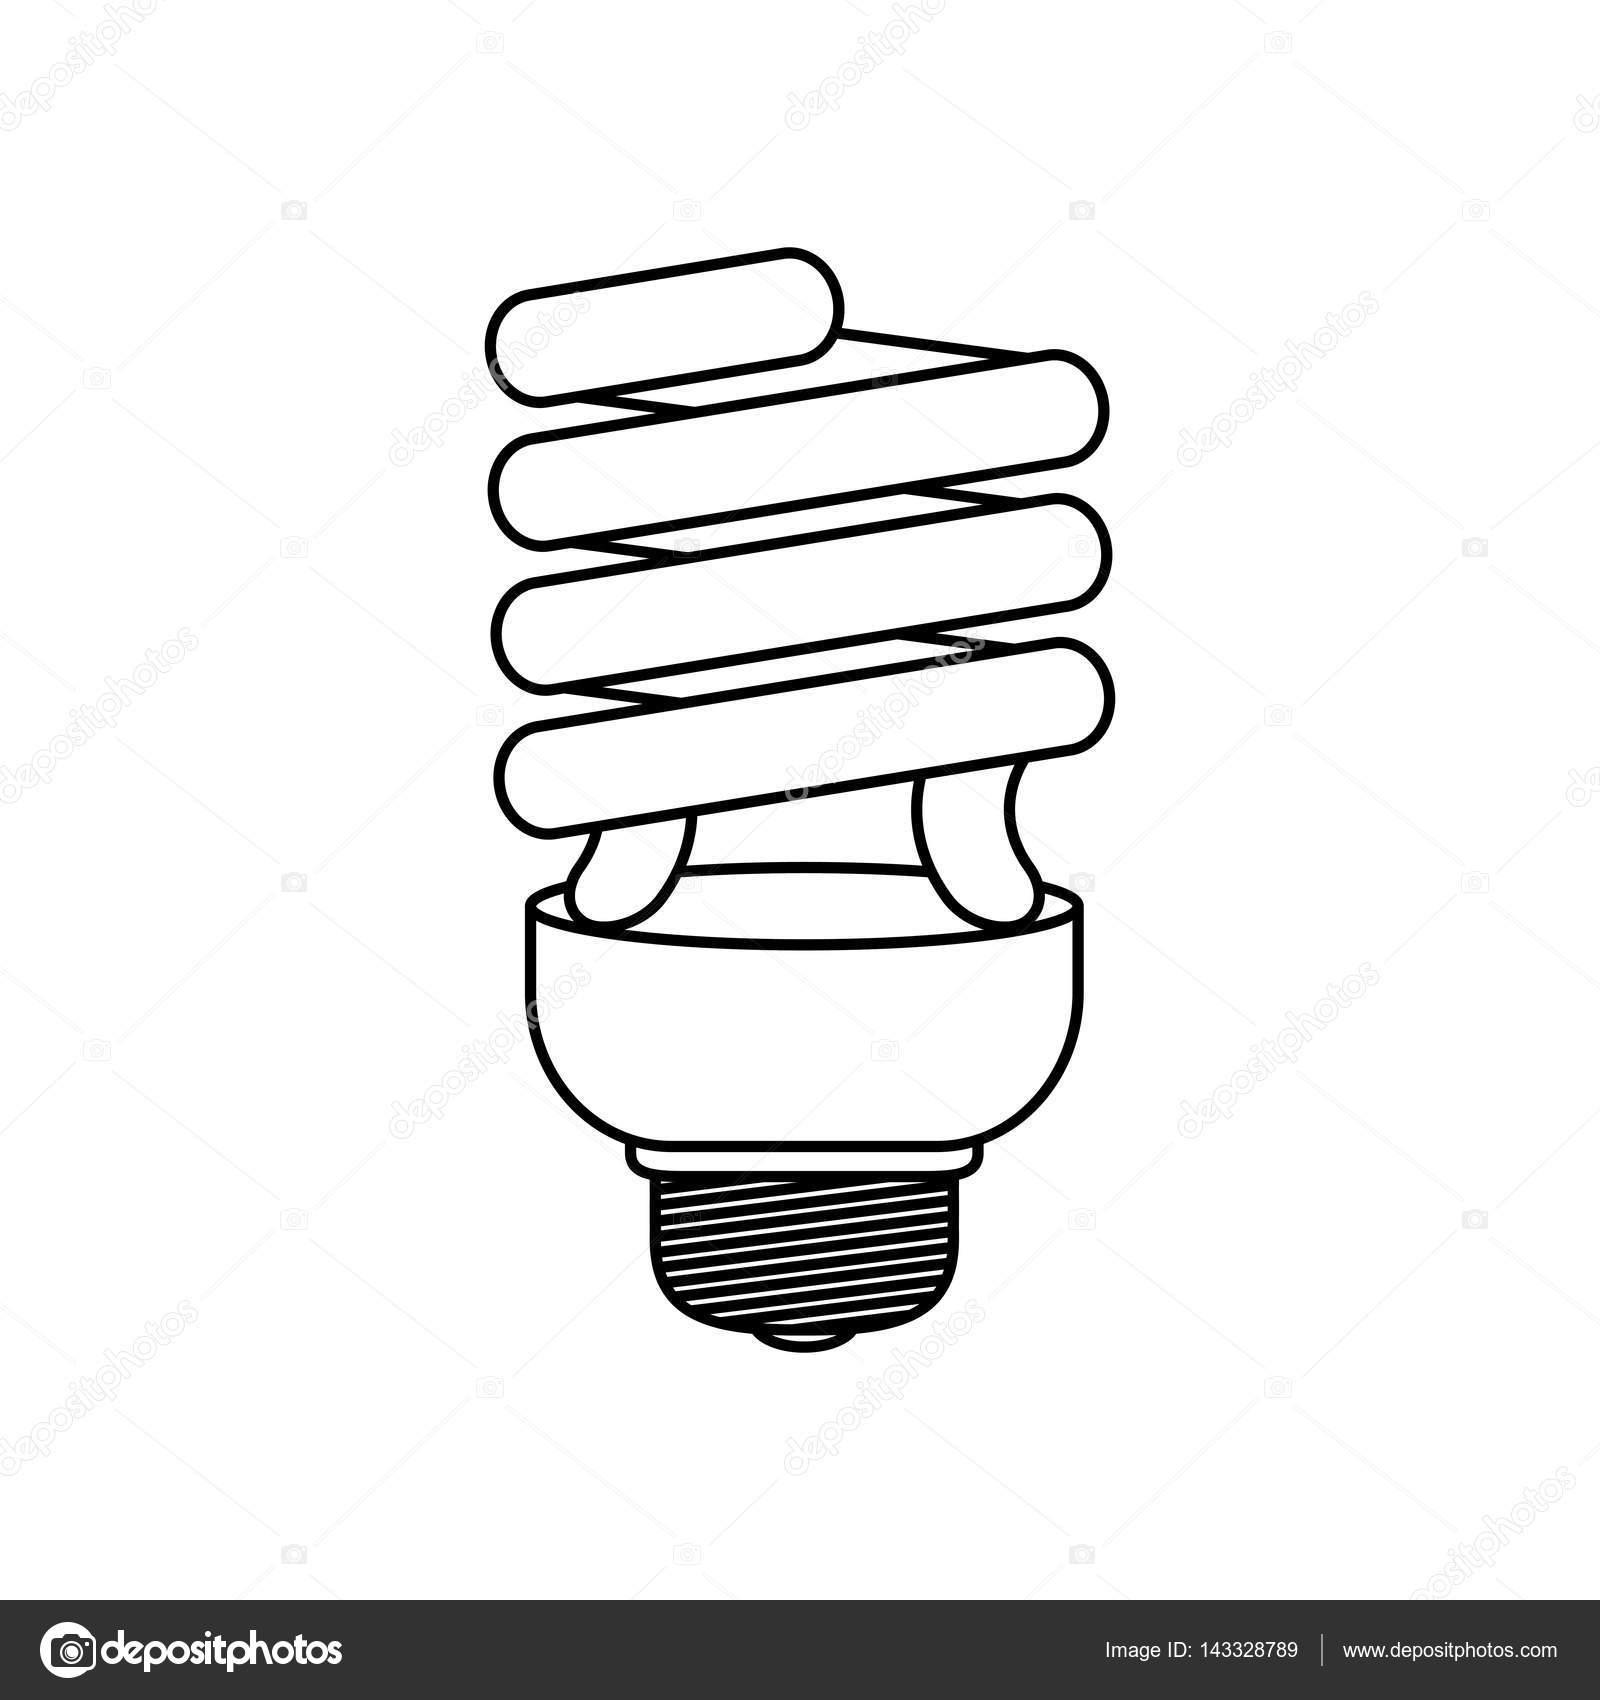 Энергосберегающая лампочка картинка контур